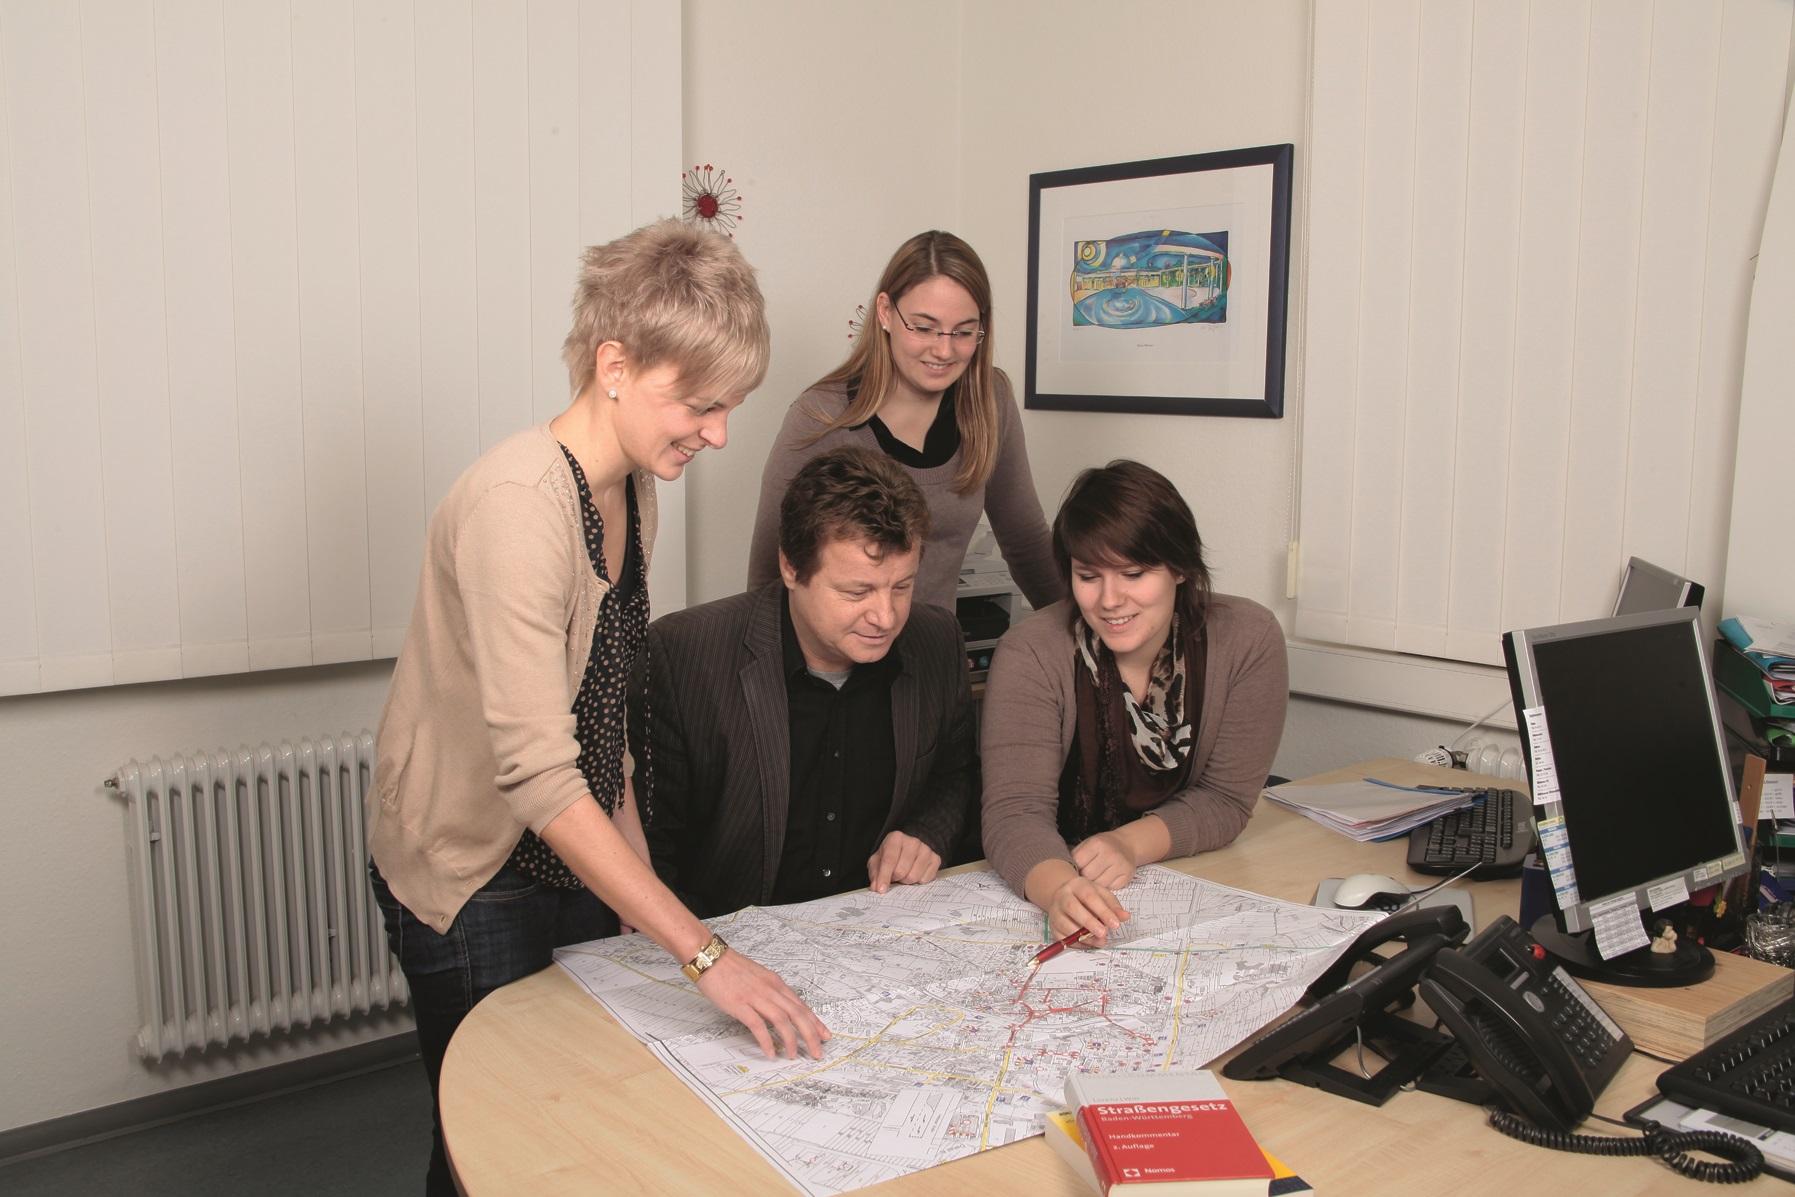 Bilder Mitarbeiter erklären Azubi einen Bauplan